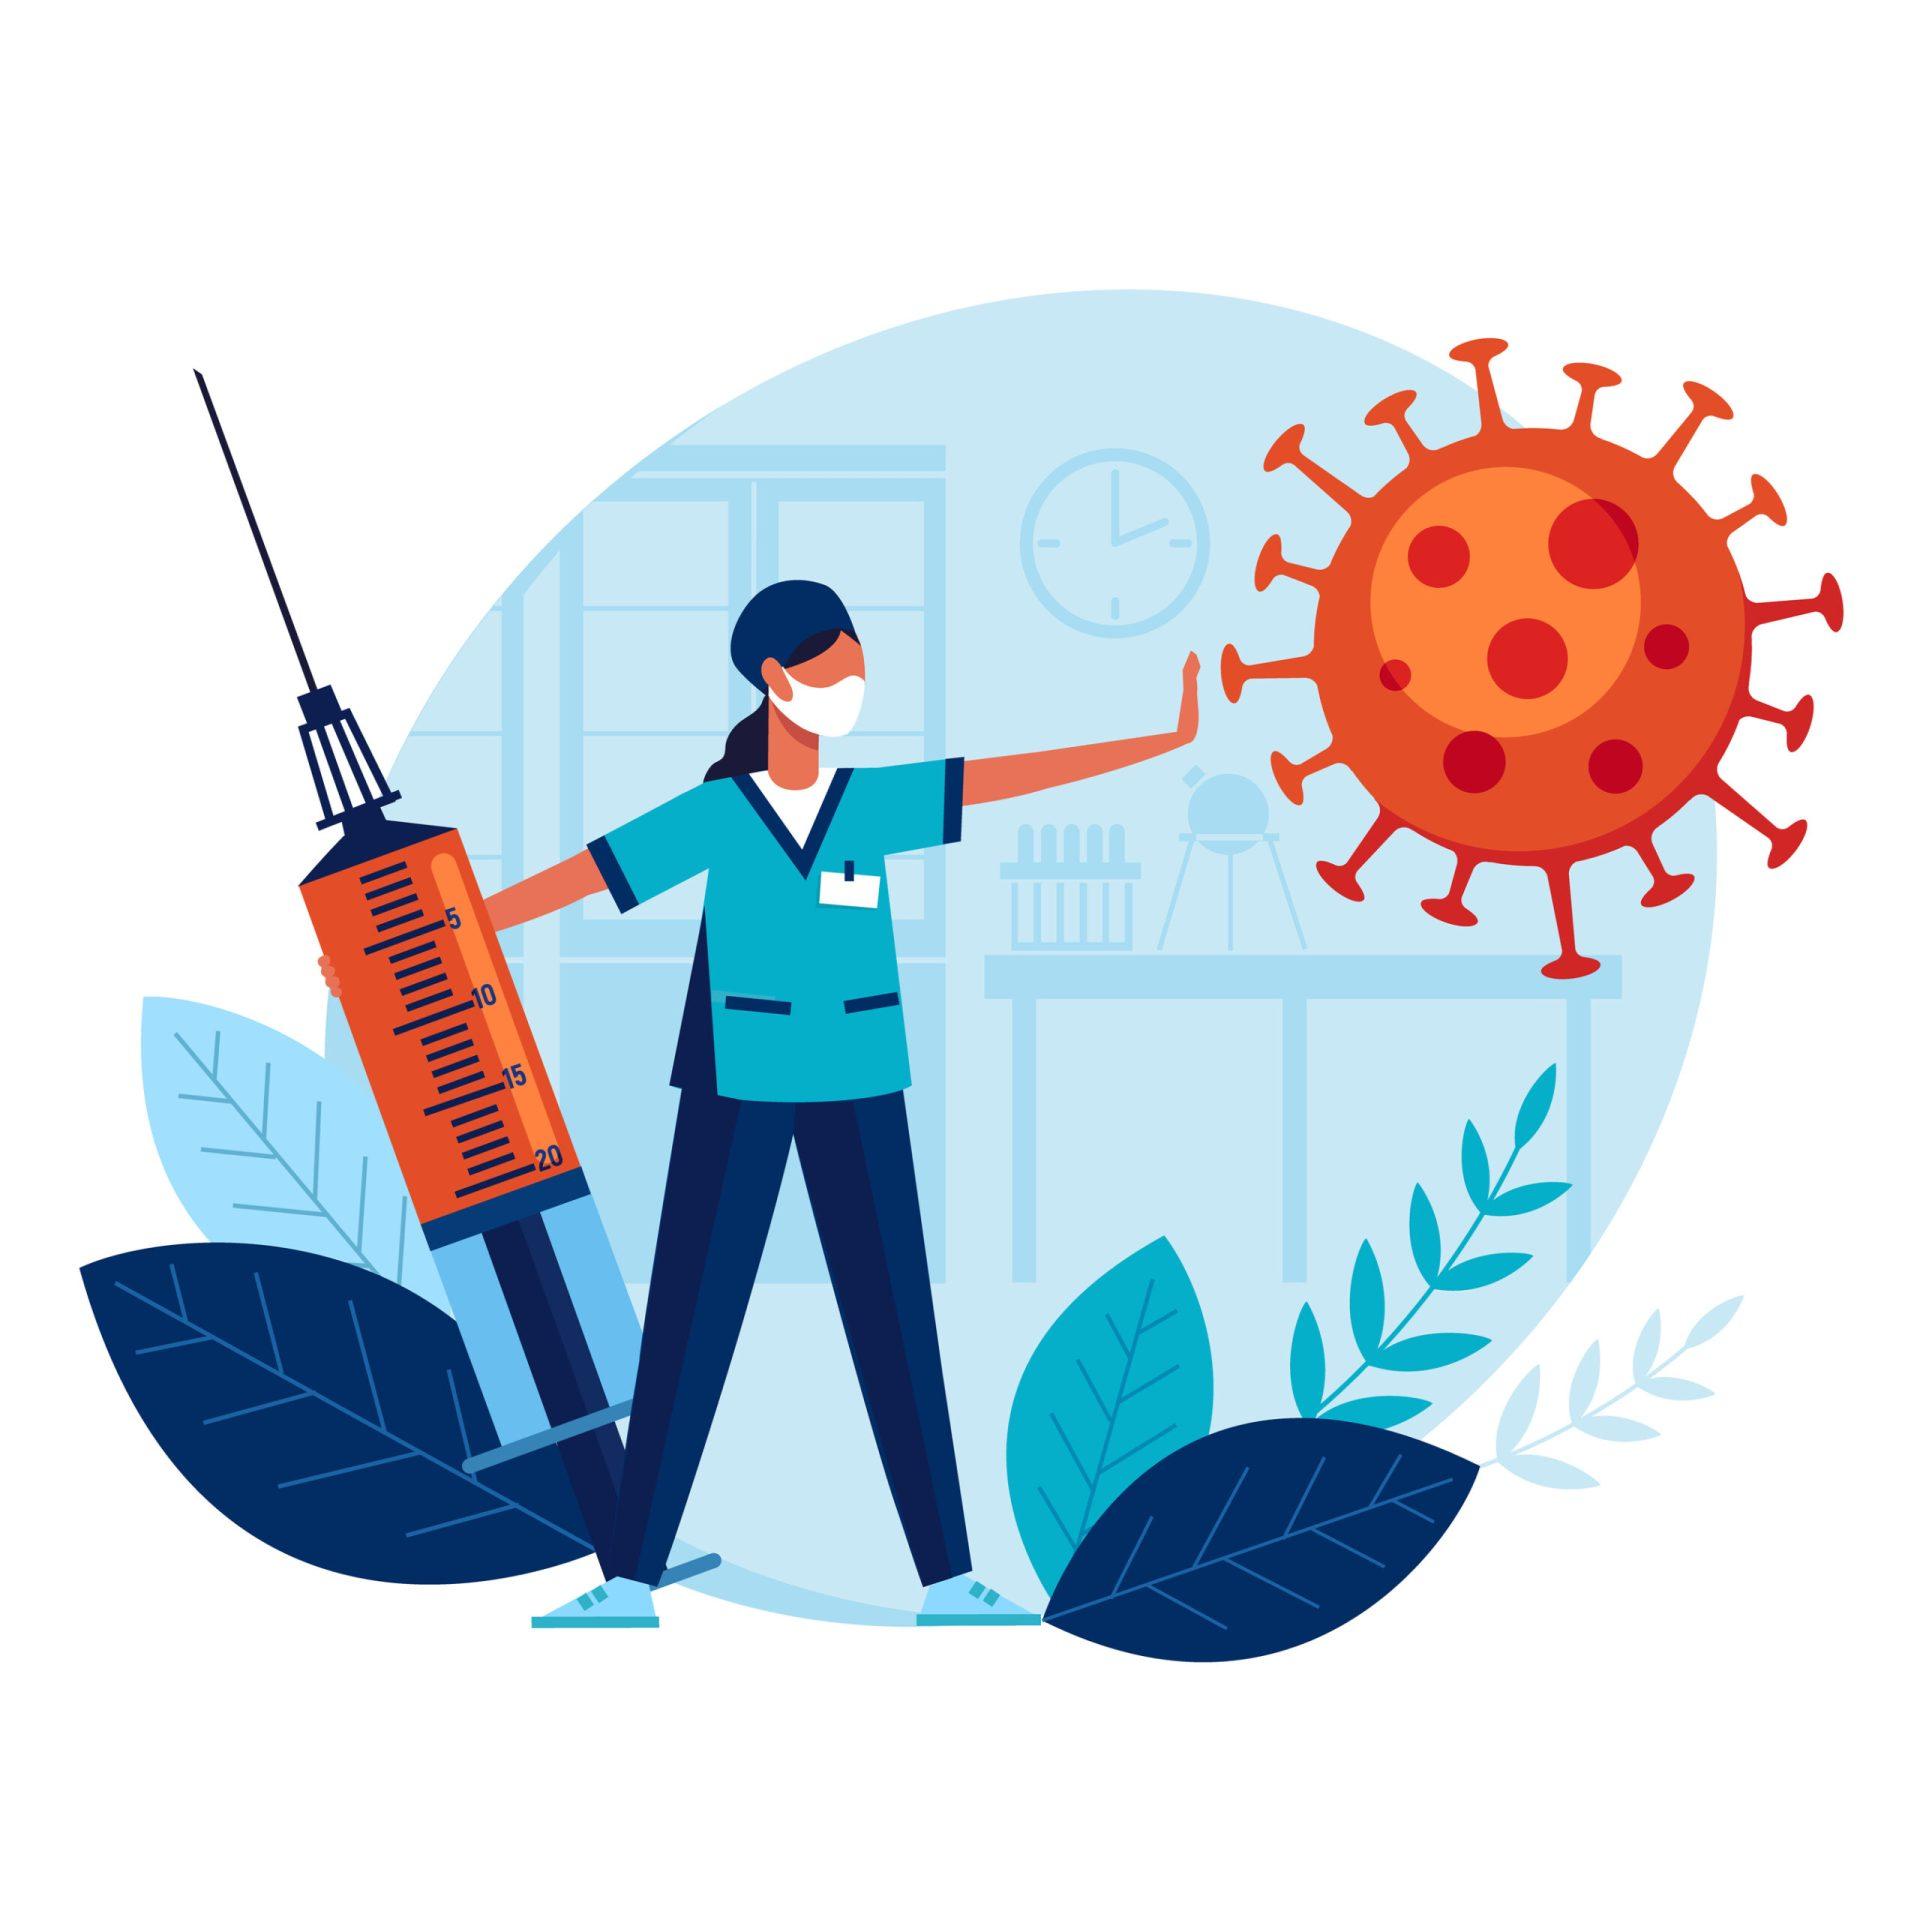 Imedait după vaccinare, nu mergeți în aglomerații pentru a nu risca o contaminare imediată.